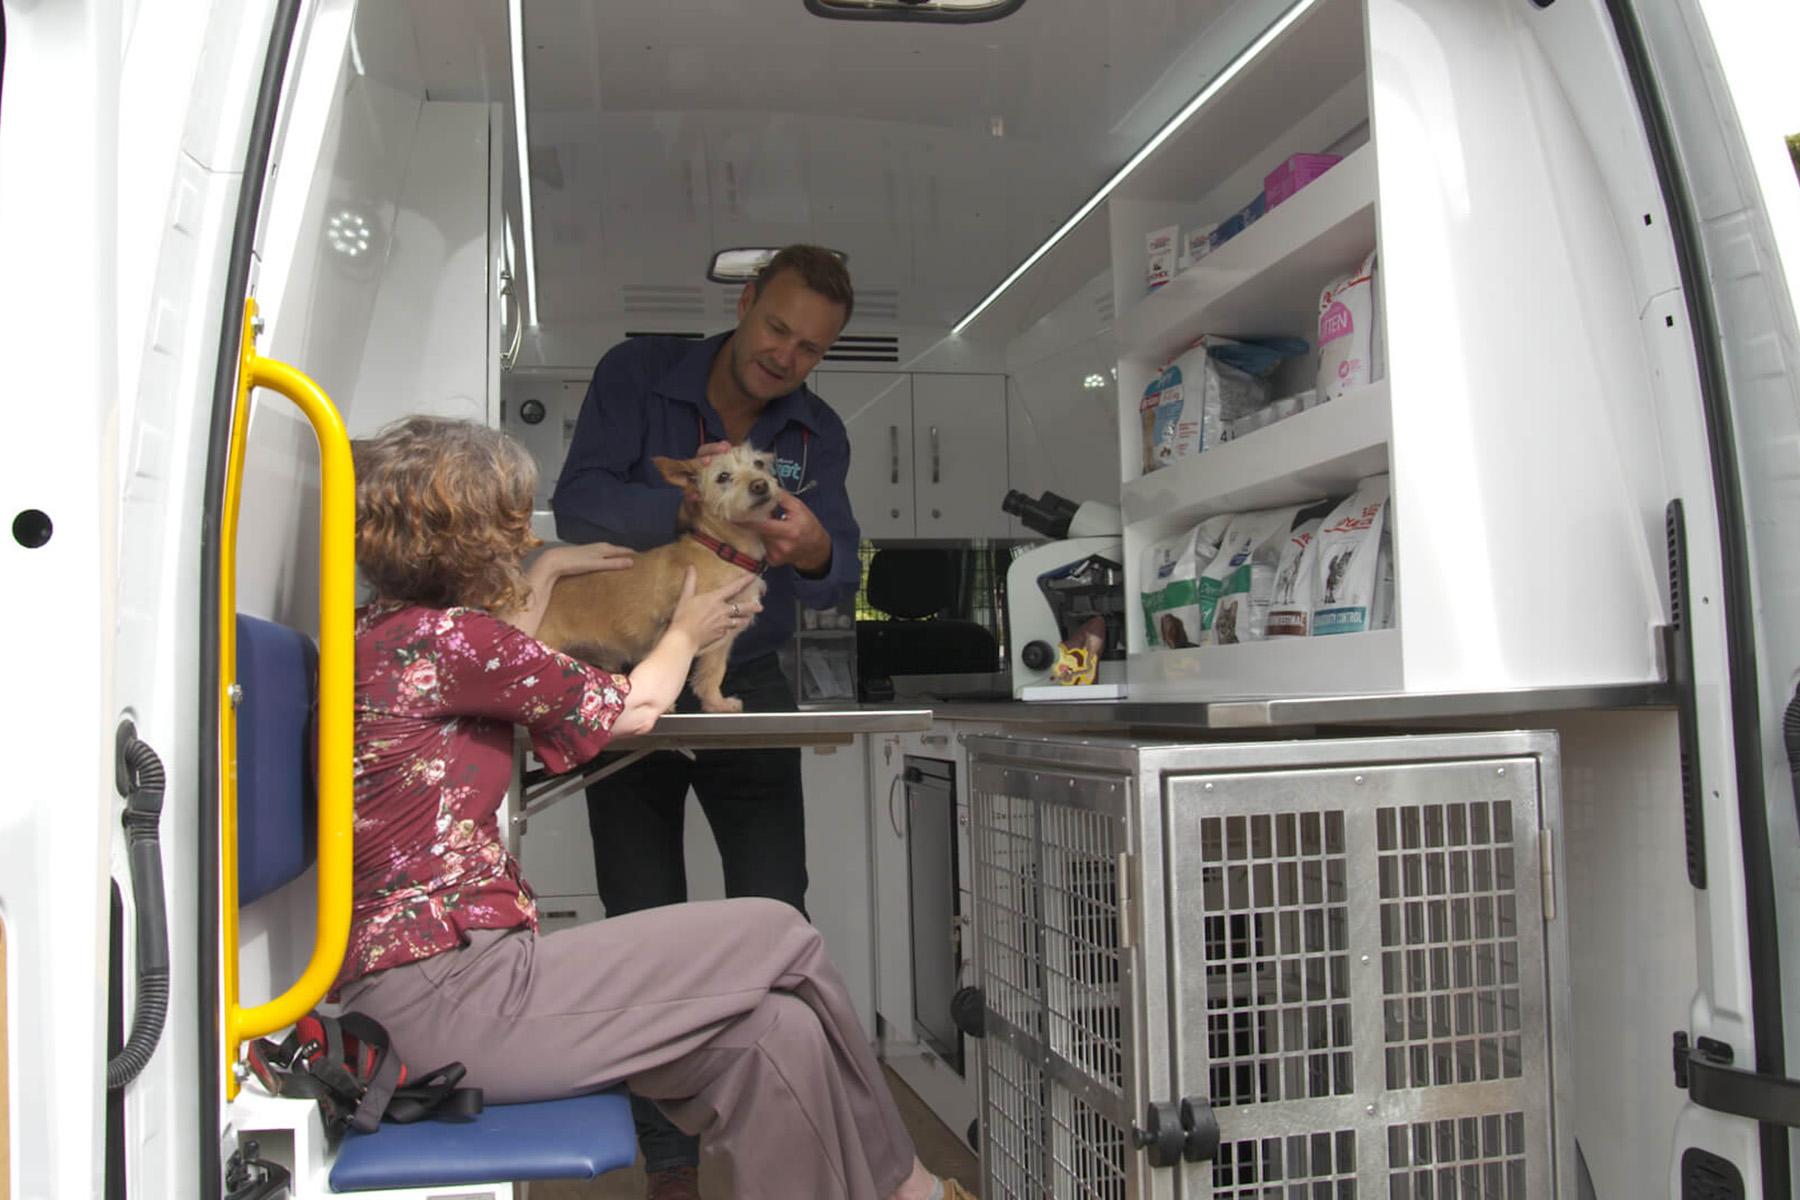 PETstock Vet consulting pet parent in Mobile Vet van